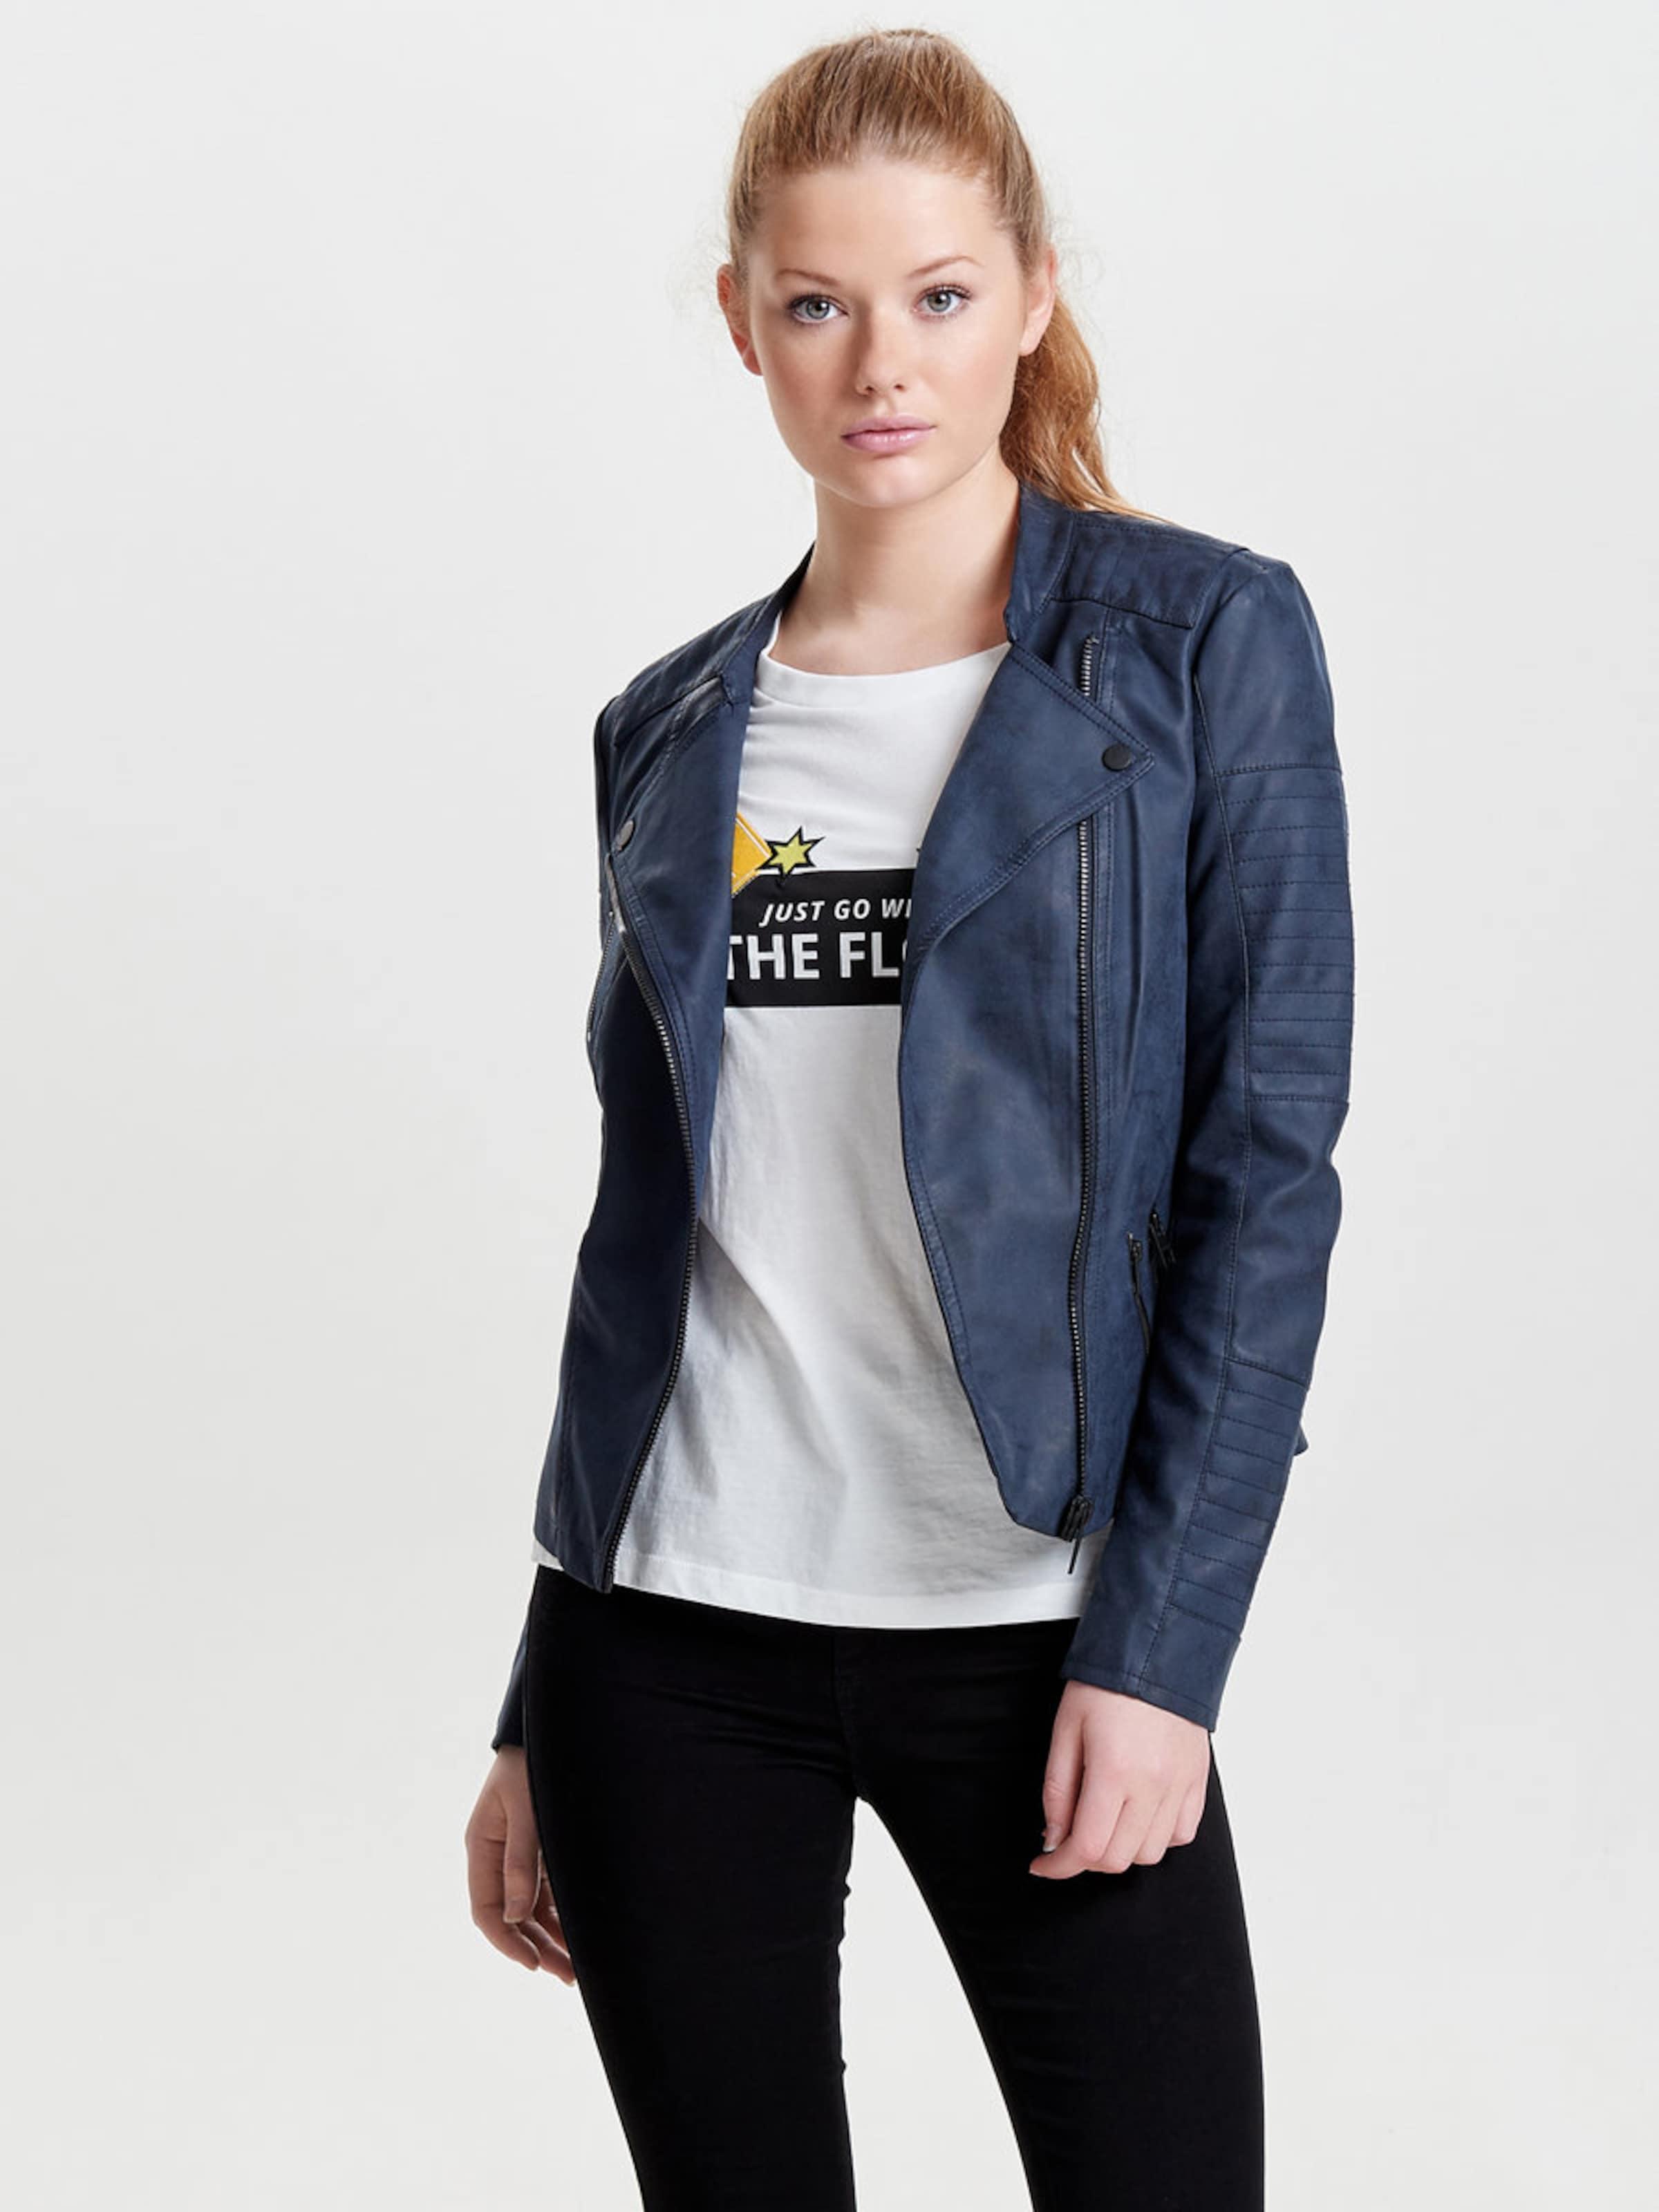 ONLY Bikerjacke in Lederoptik Auslass Für Schön Zum Verkauf 2018 Shop-Angebot Verkauf Online Sammlungen Günstig Online fUy1wn